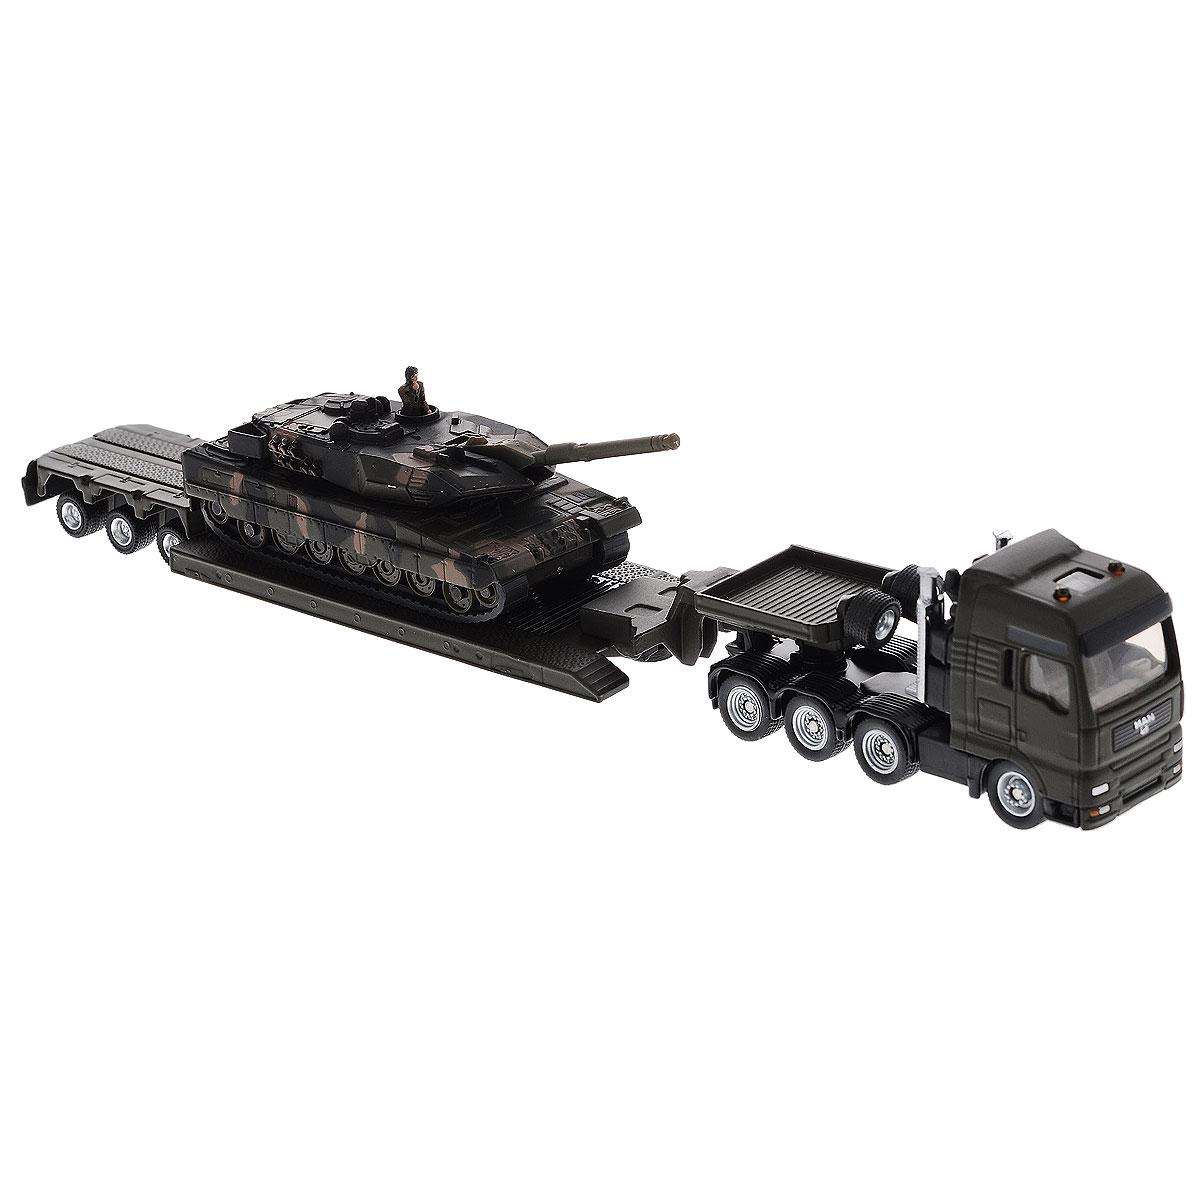 """Коллекционная модель Siku """"Тягач с танком"""" выполнена в виде точной копии тягача с танком в масштабе 1/87. Такая модель понравится не только ребенку, но и взрослому коллекционеру и приятно удивит вас высочайшим качеством исполнения. Кабина, корпус тягача, платформа прицепа и танк выполнены из металла. Платформа прицепа прицепляется к тягачу с помощью дополнительного прицепа с седельным сцепным устройством. Колесики модели вращаются. Коллекционная модель отличается великолепным качеством исполнения и детальной проработкой, она станет не только интересной игрушкой для ребенка, интересующегося агротехникой, но и займет достойное место в коллекции."""